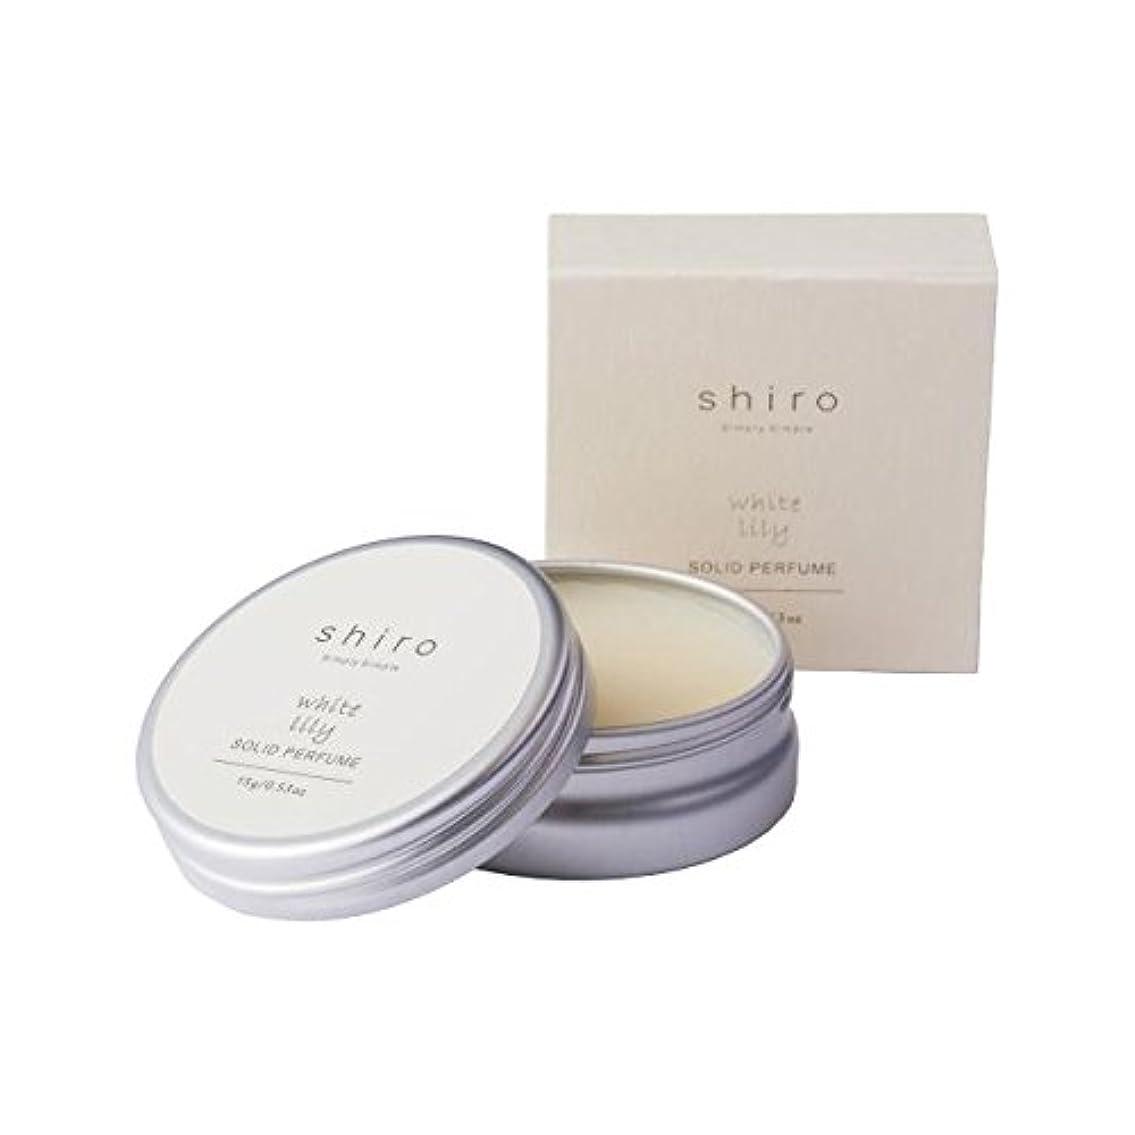 ミルク差シエスタshiro ホワイトリリー シャンプーのような香り すっきりと清潔感 練り香水 シロ 固形タイプ フレグランス 保湿成分 指先の保湿ケア